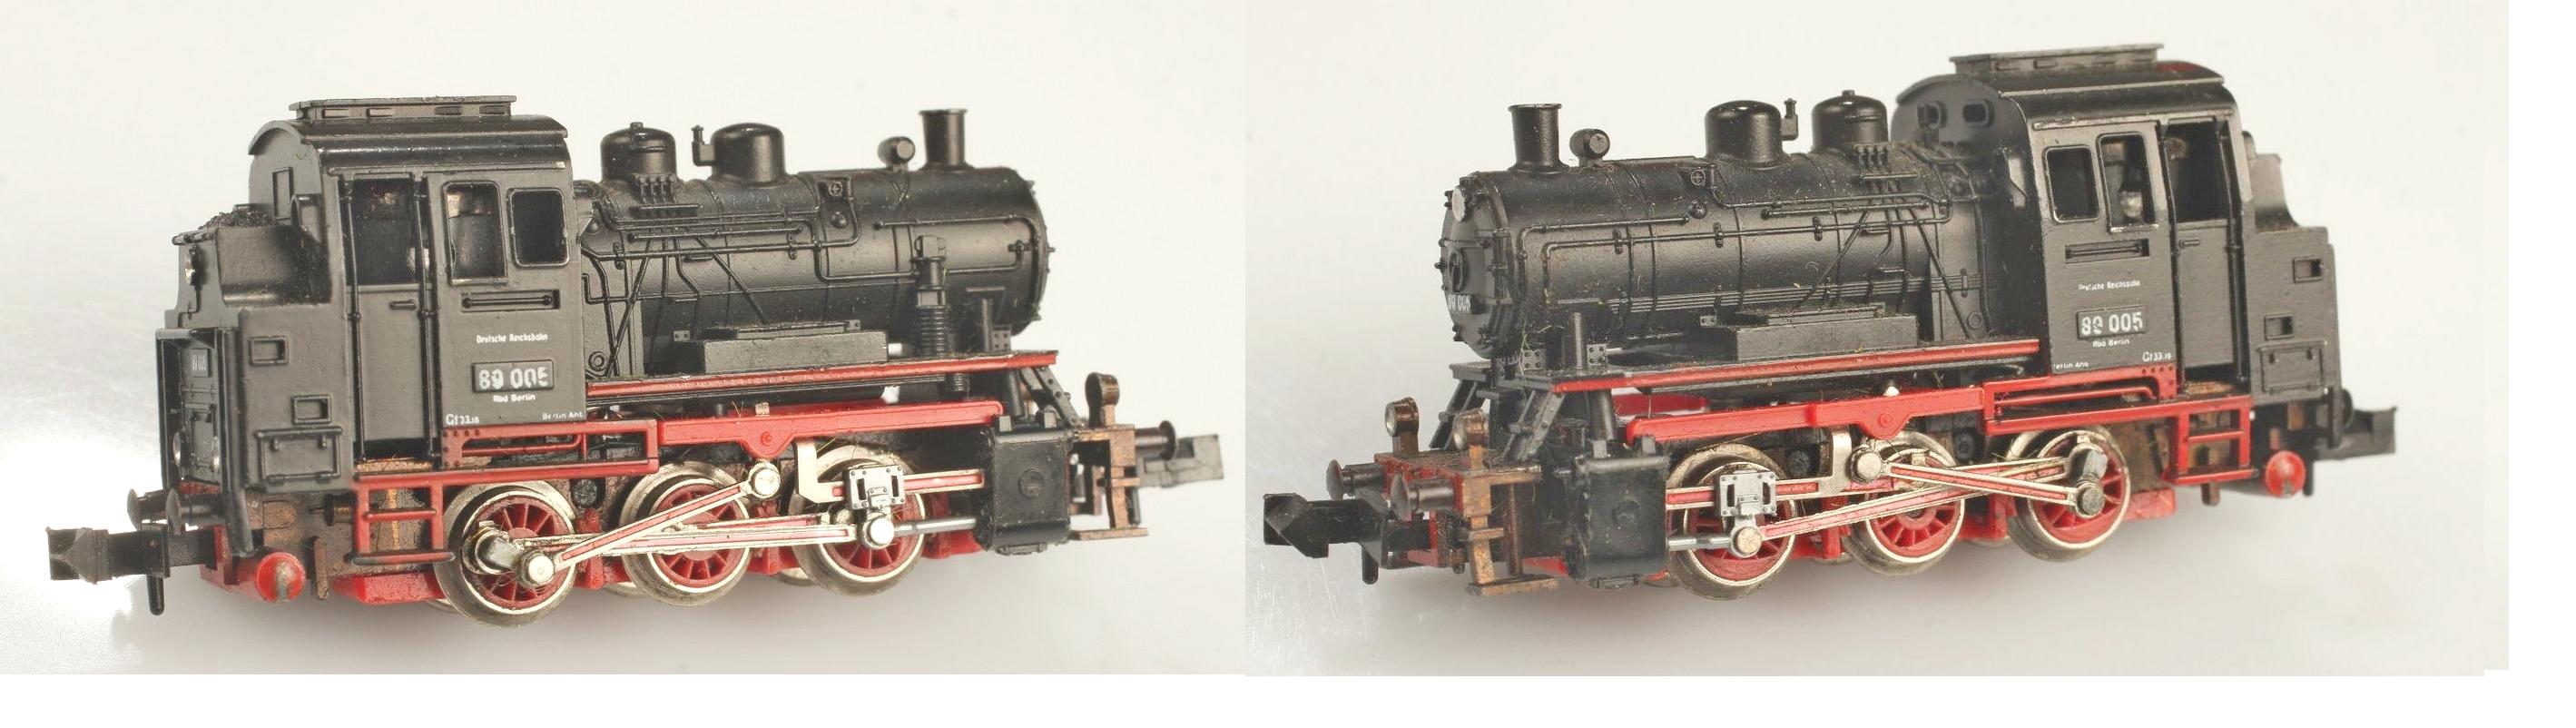 Minitrix-BR89-005